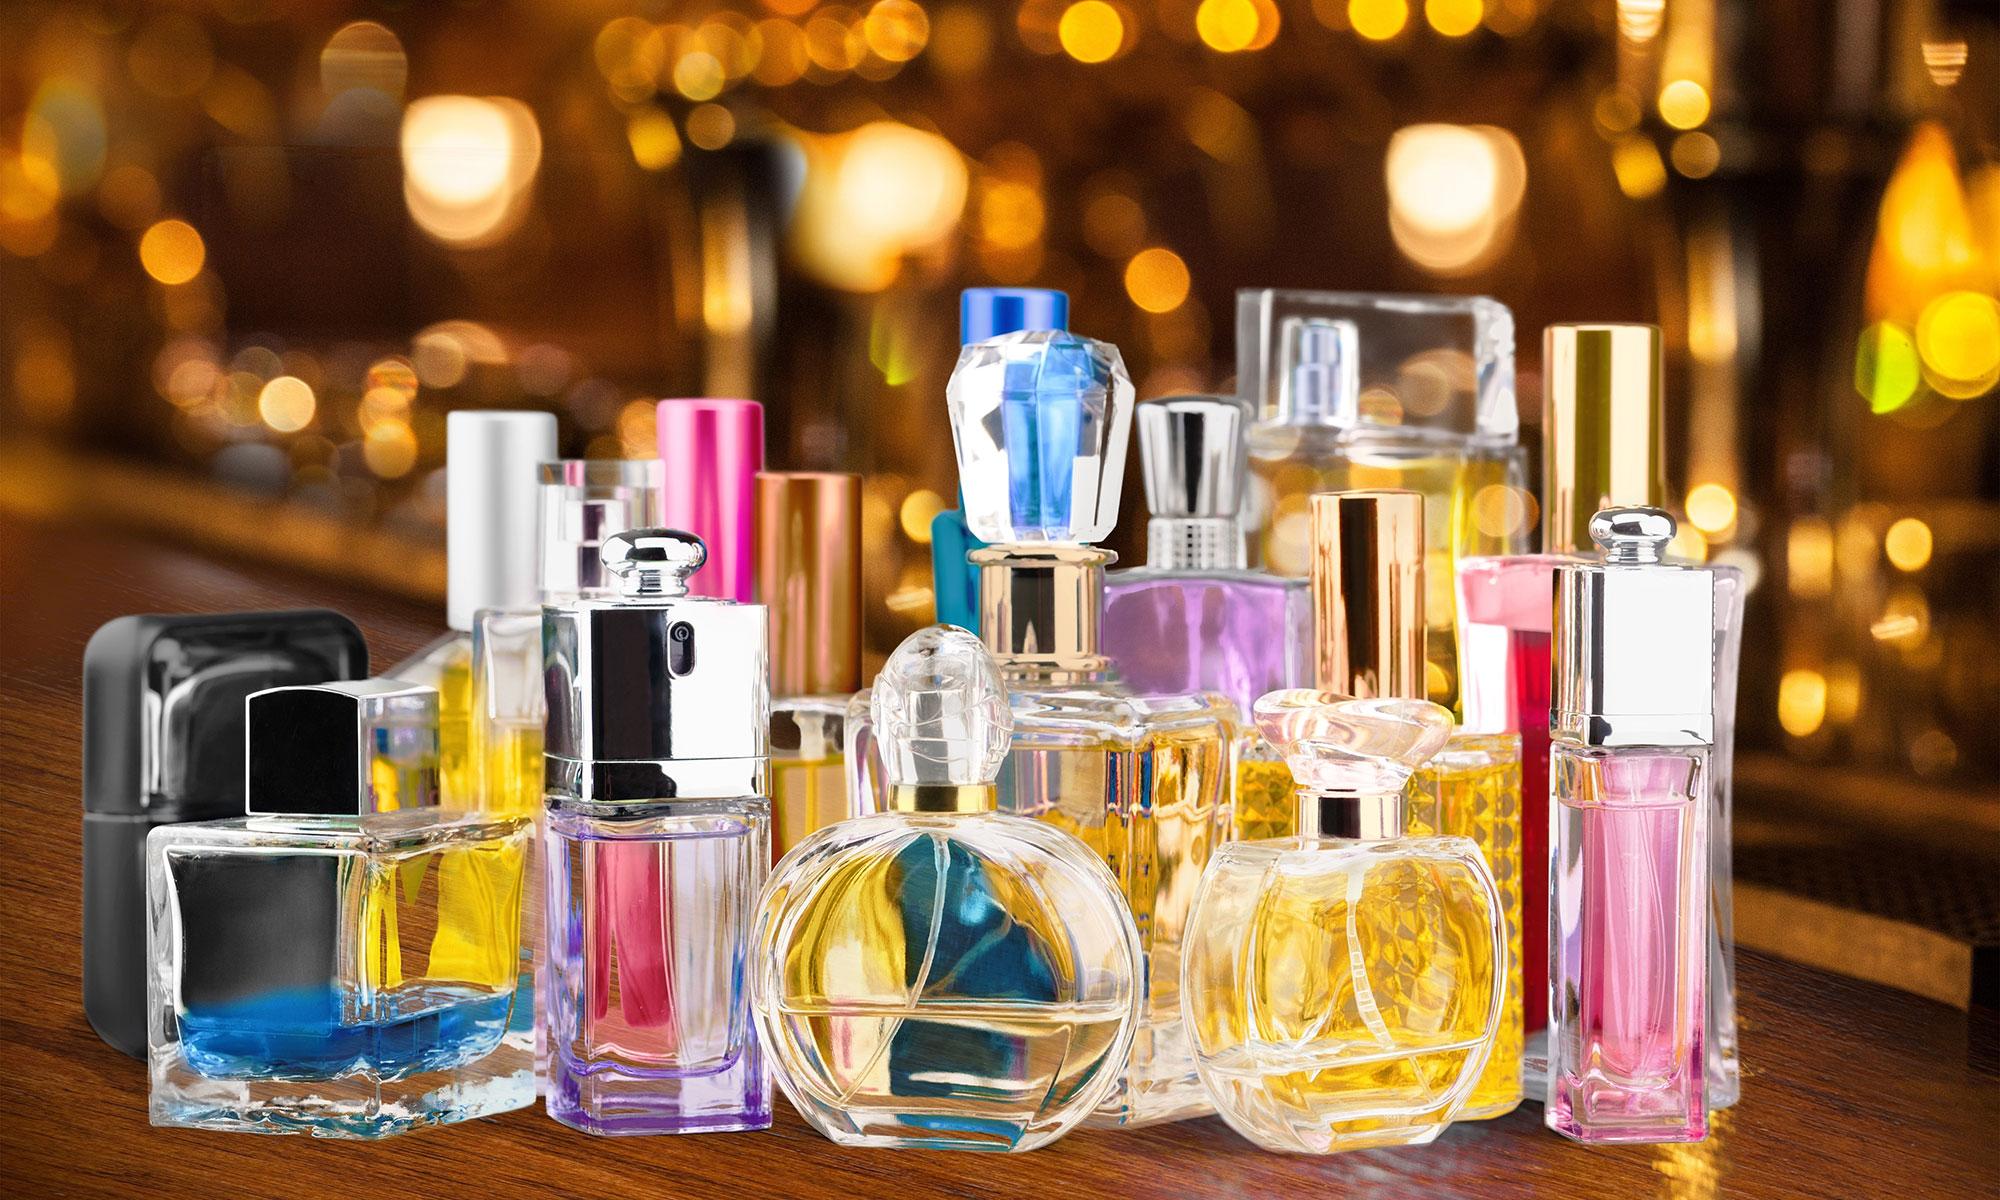 秘密の香水